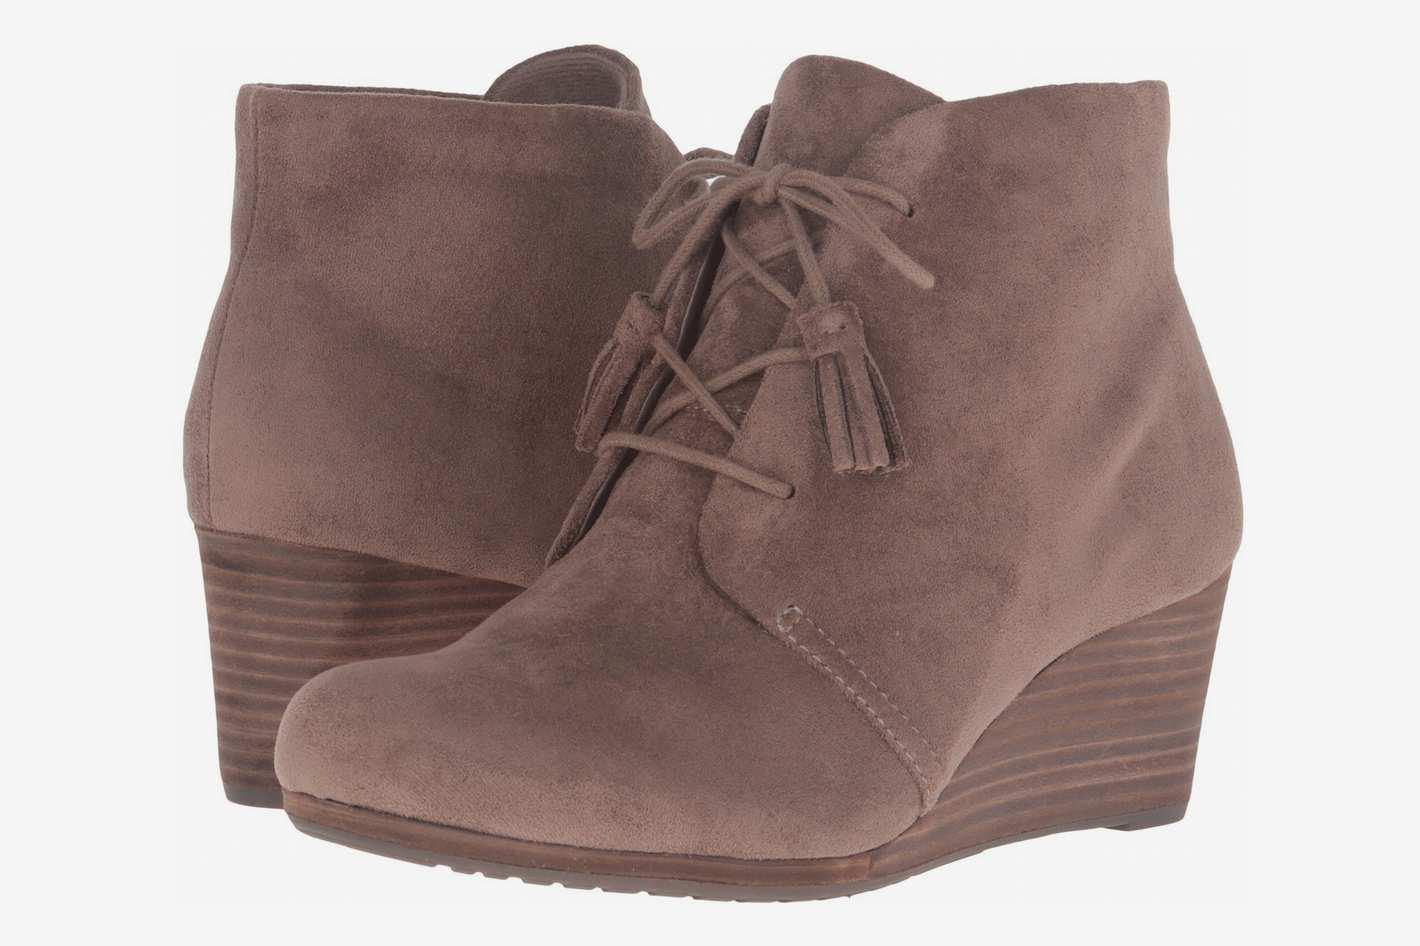 Dr. Scholl's Dakota Boots